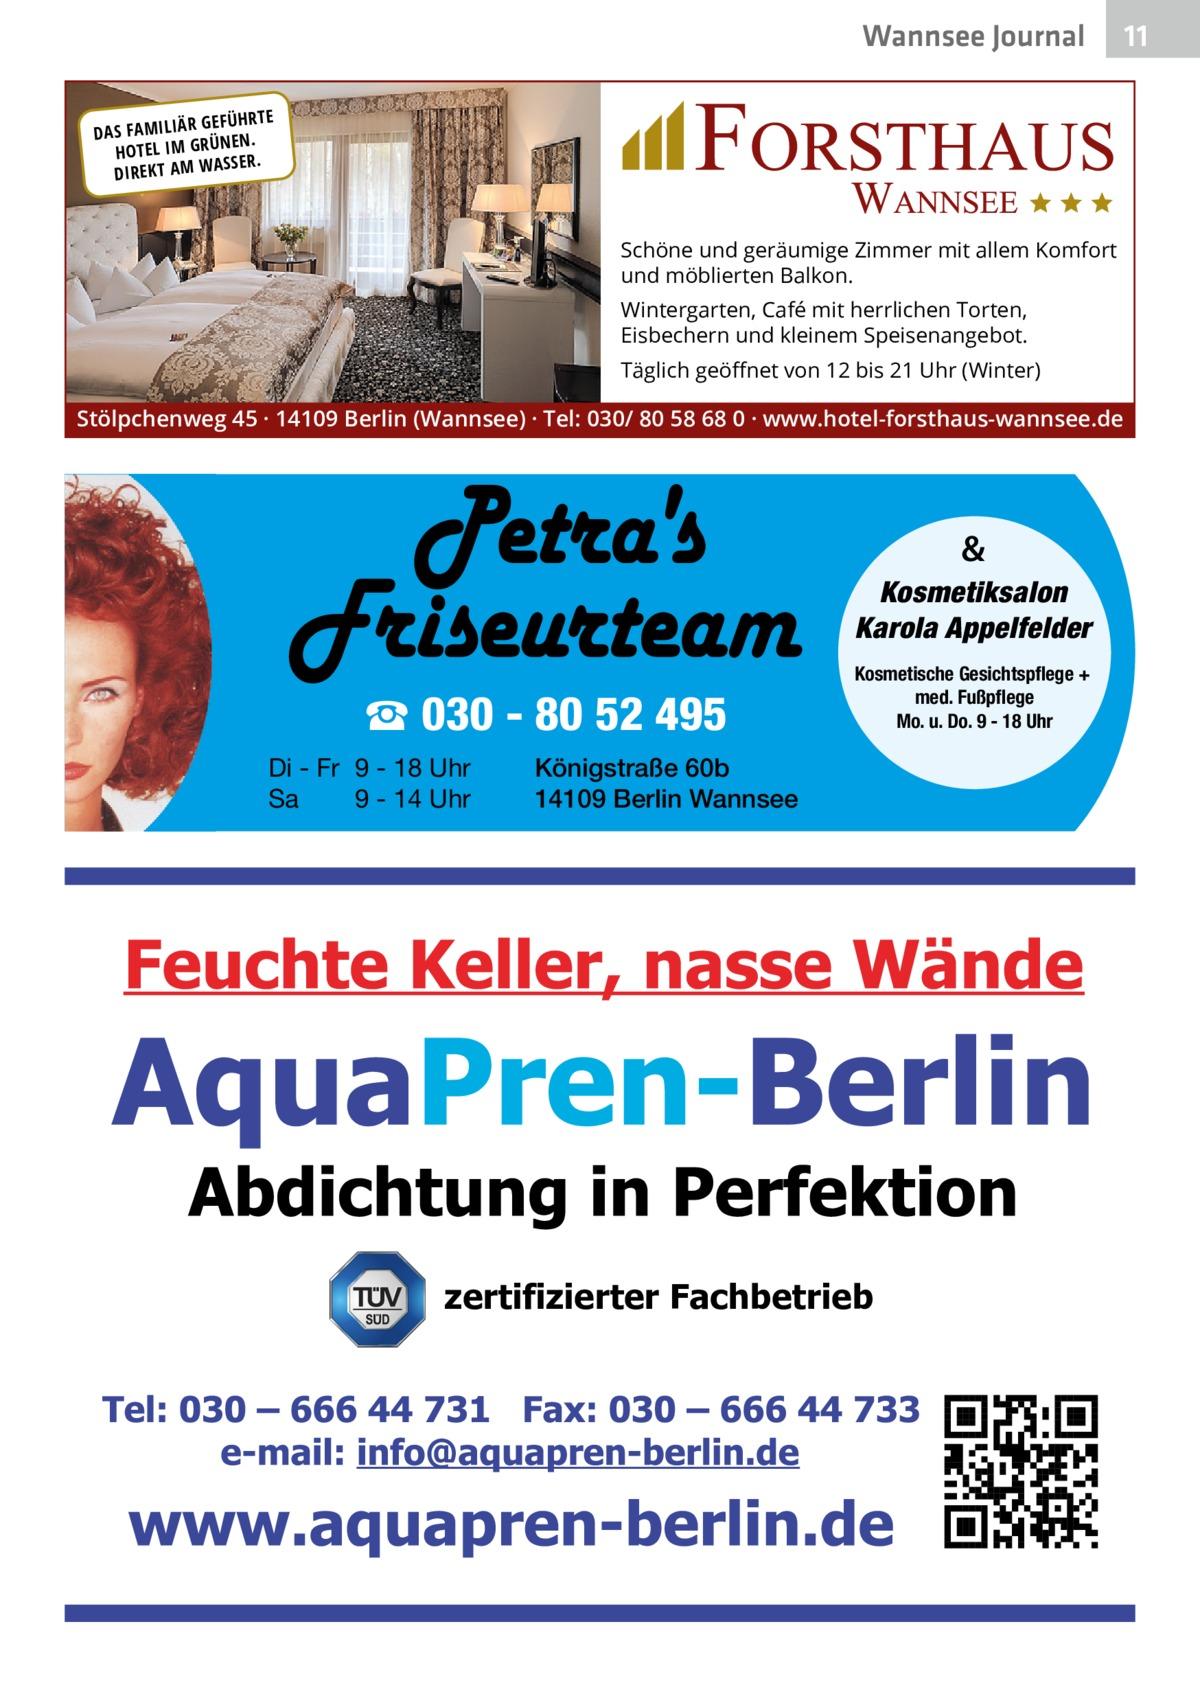 Wannsee Journal R GEFÜHRTE DAS FAMILIÄ ÜNEN. HOTEL IM GR SSER. DIREKT AM WA  Schöne und geräumige Zimmer mit allem Komfort und möblierten Balkon. Wintergarten, Café mit herrlichen Torten, Eisbechern und kleinem Speisenangebot. Täglich geöffnet von 12 bis 21 Uhr (Winter)  Stölpchenweg 45 · 14109 Berlin (Wannsee) · Tel: 030/ 80 58 68 0 · www.hotel-forsthaus-wannsee.de  & Kosmetiksalon Karola Appelfelder  ☎ 030 - 80 52 495 Di - Fr 9 - 18 Uhr Sa 9 - 14 Uhr  Kosmetische Gesichtspflege + med. Fußpflege Mo. u. Do. 9 - 18 Uhr  Königstraße 60b 14109 Berlin Wannsee  zertifizierter Fachbetrieb  11